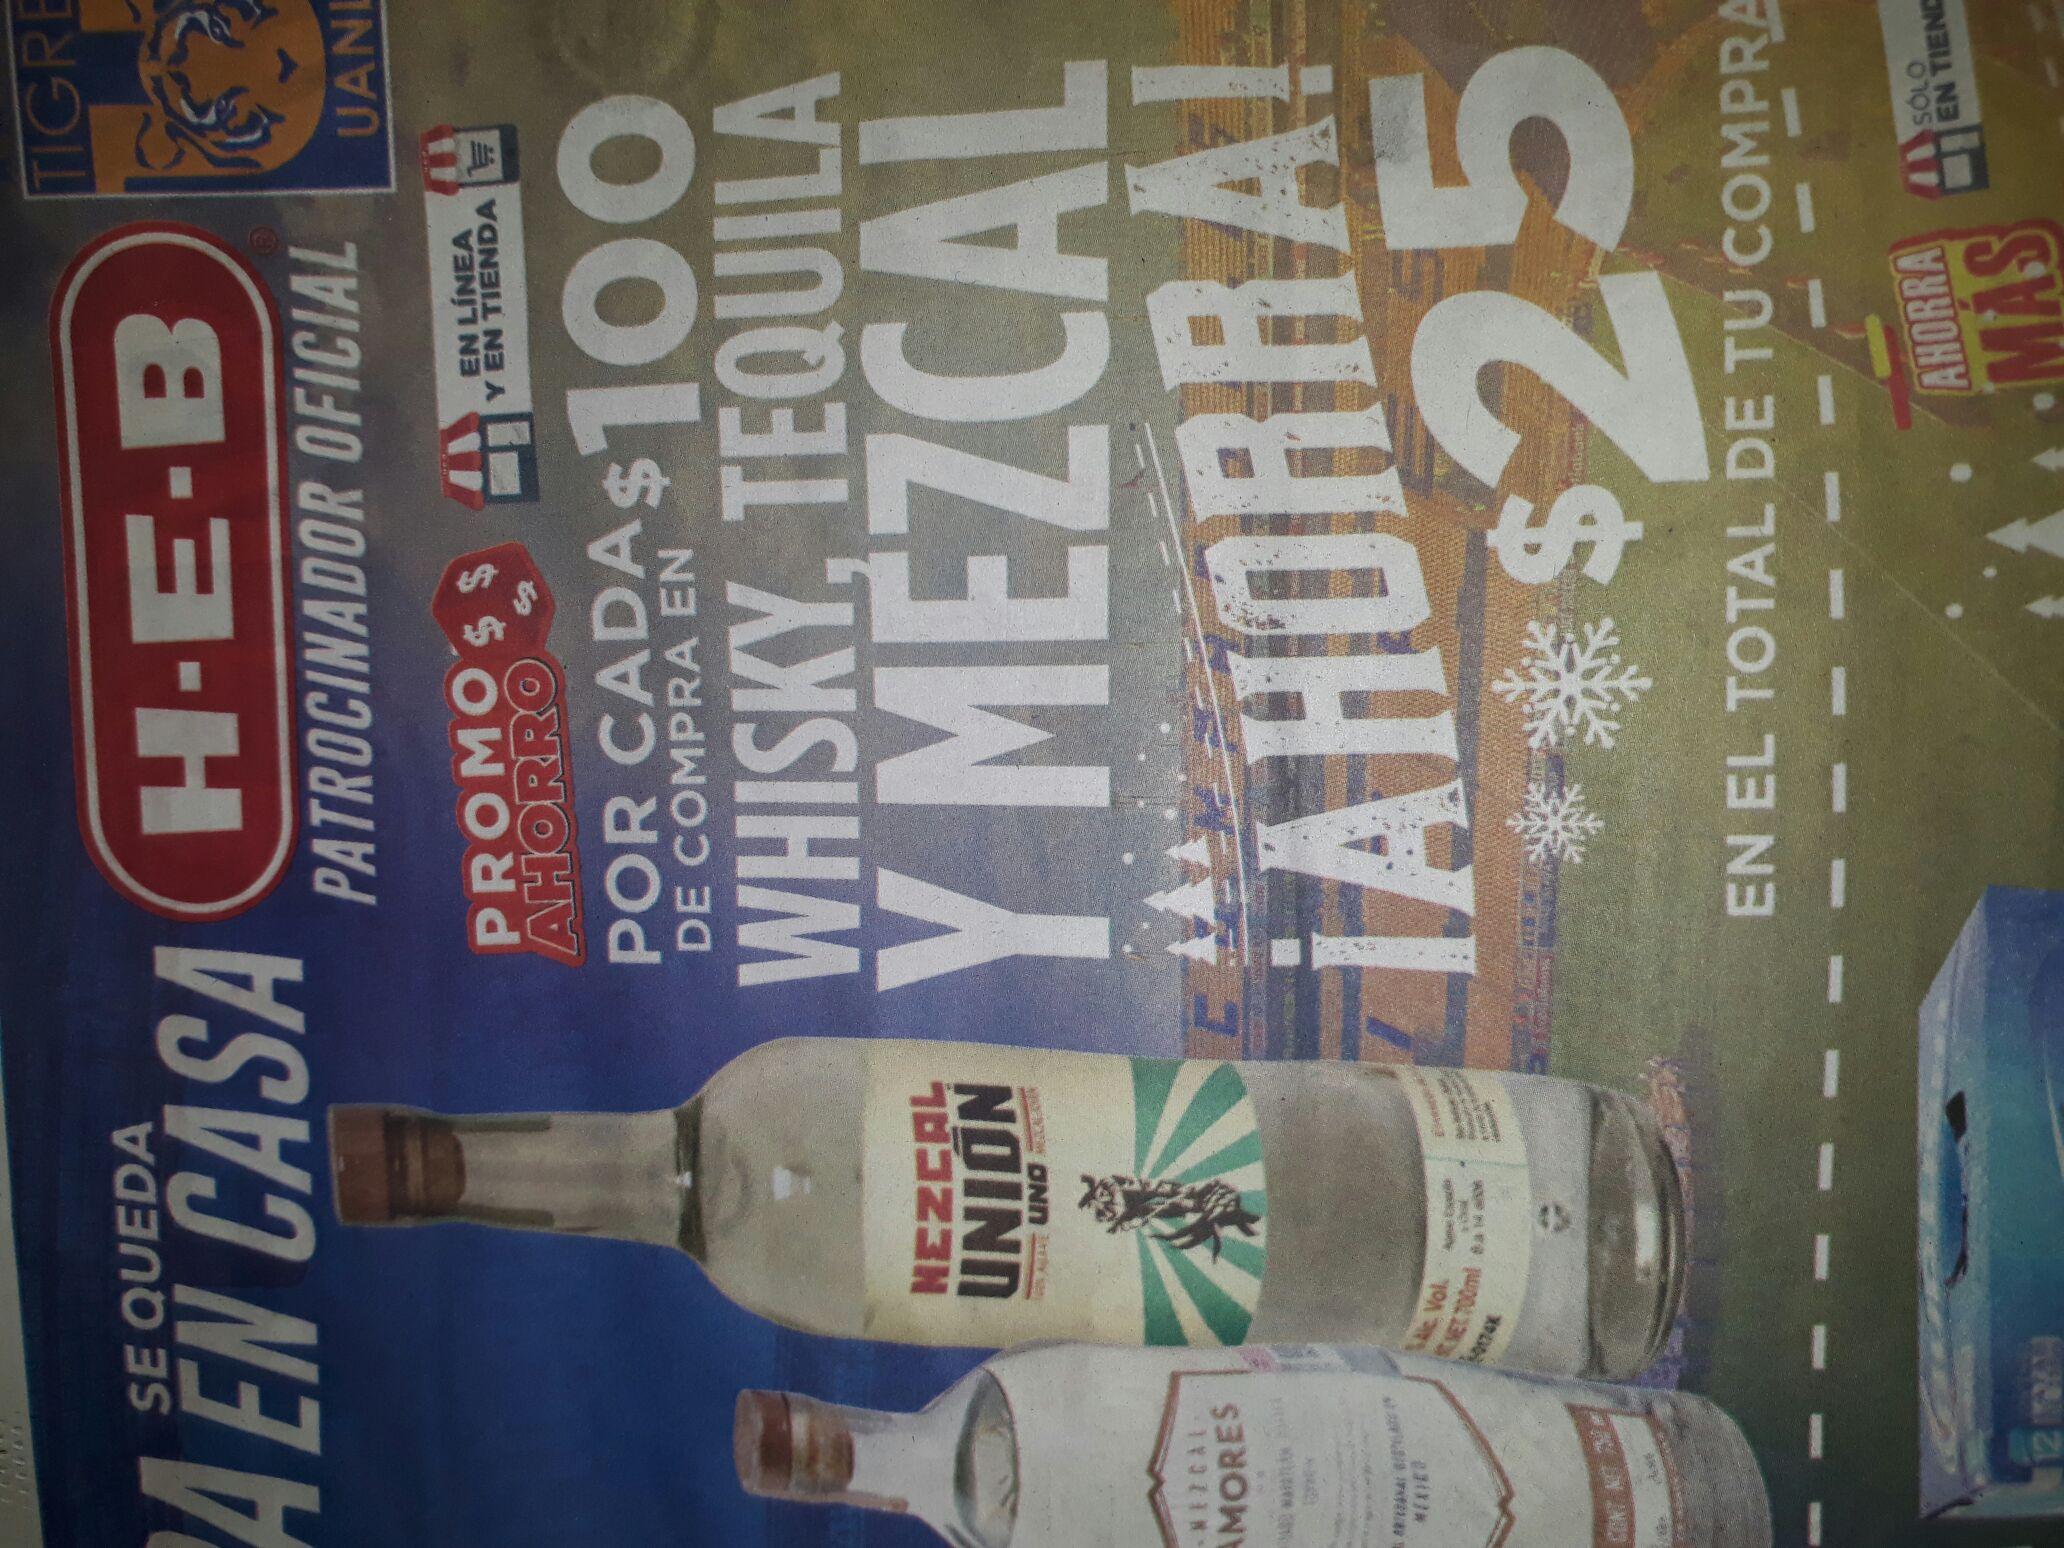 Heb: Ahorras 25 pesos por cada 100 en whisky, tequila y mezcal